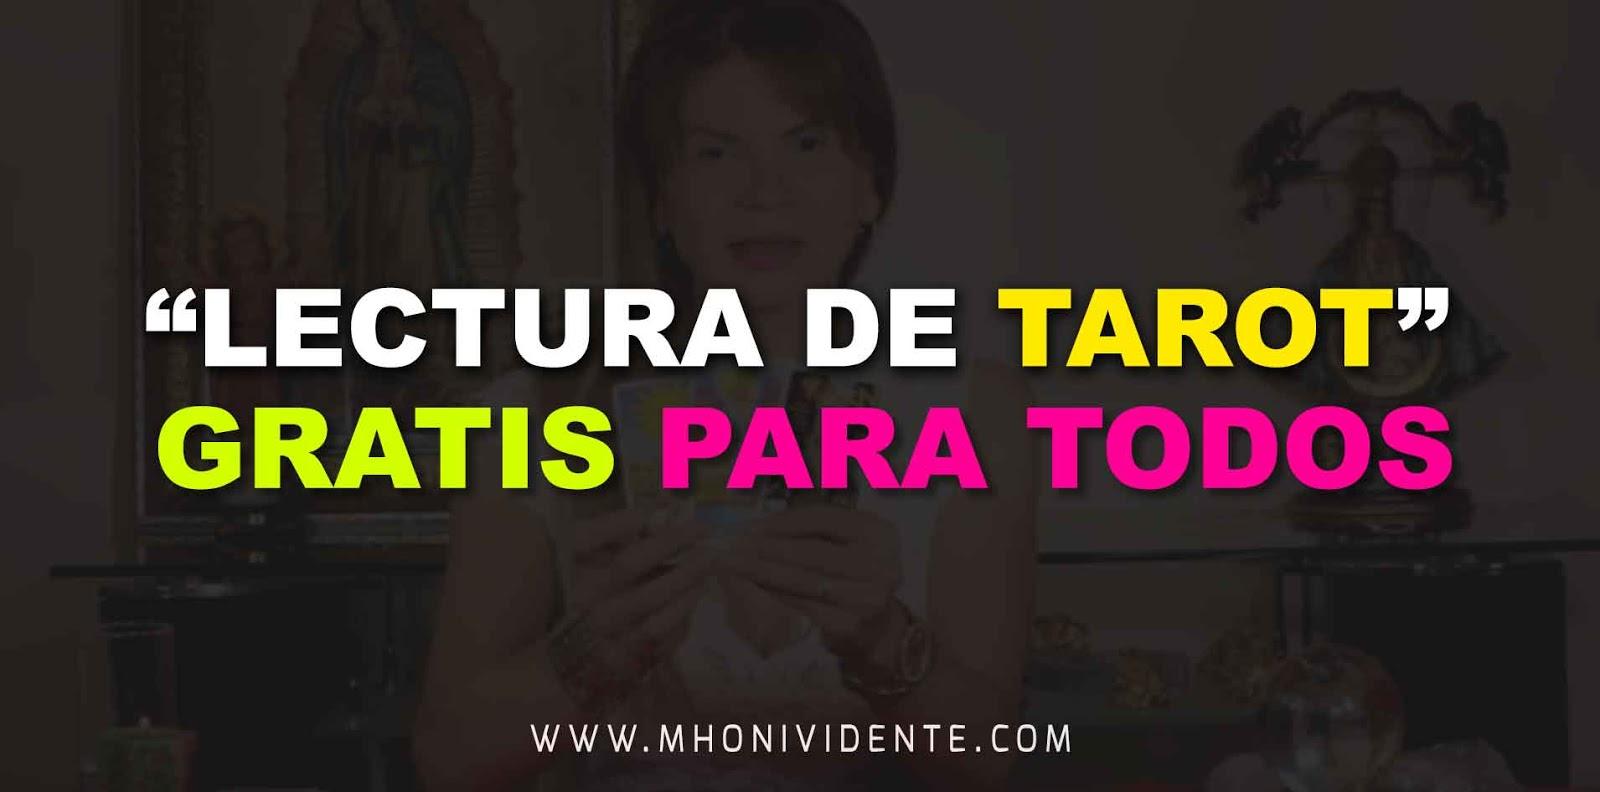 LECTURA DE TAROT PARA TODOS